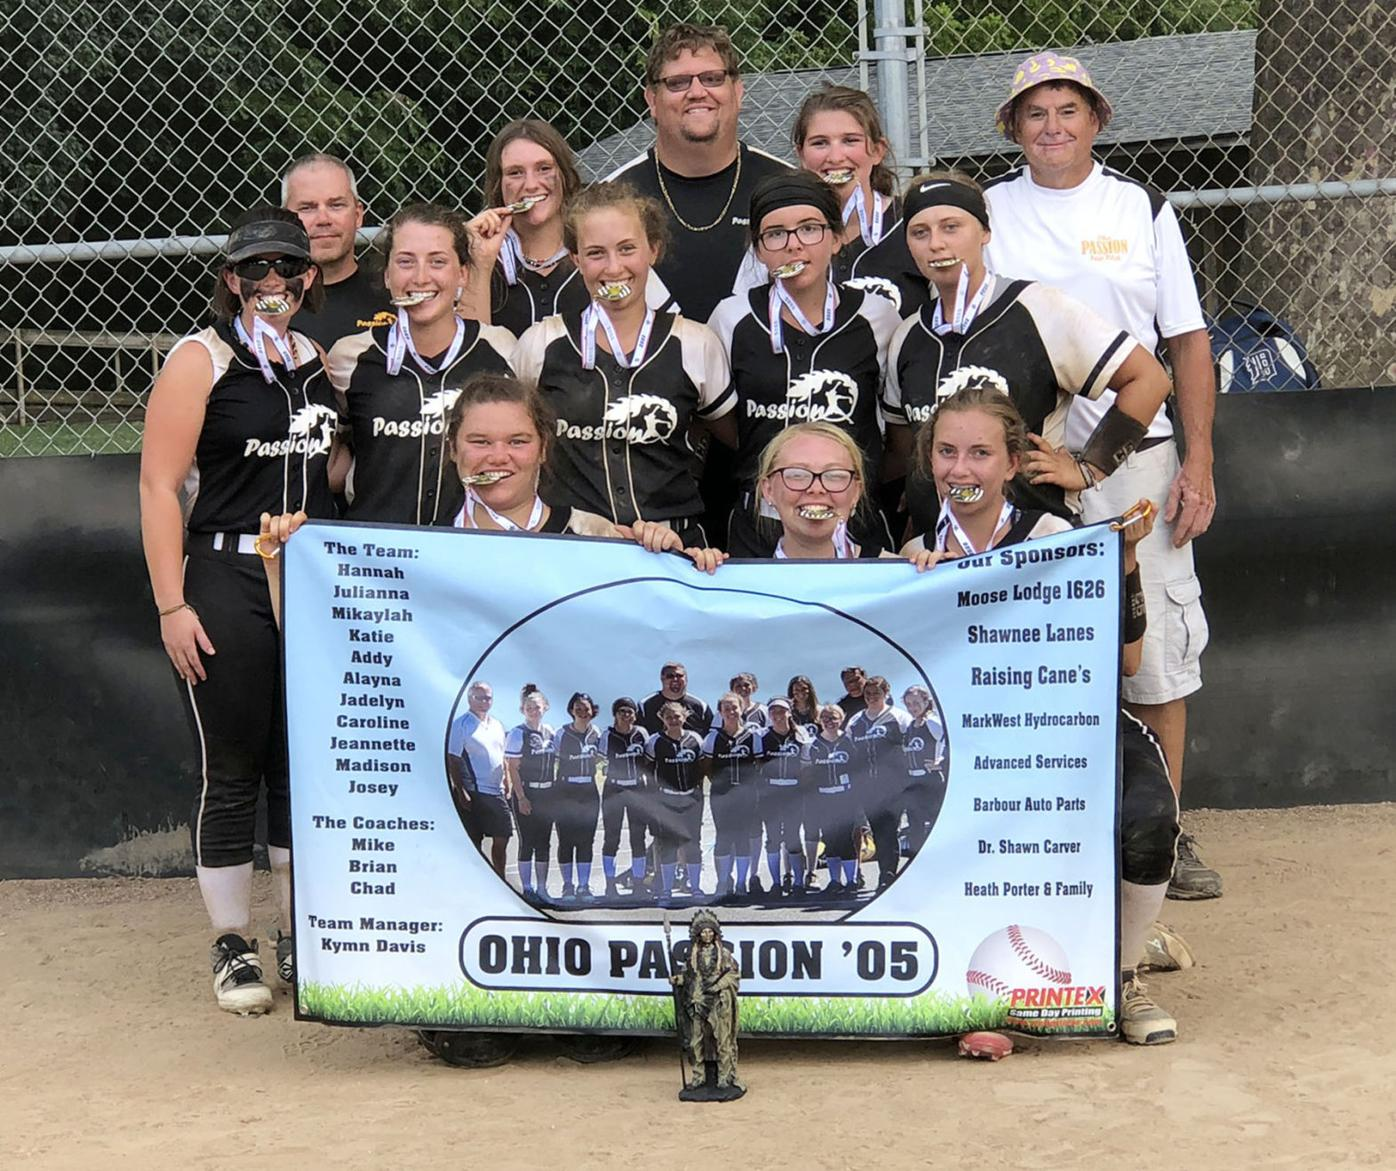 Ohio Passion 14U - banner